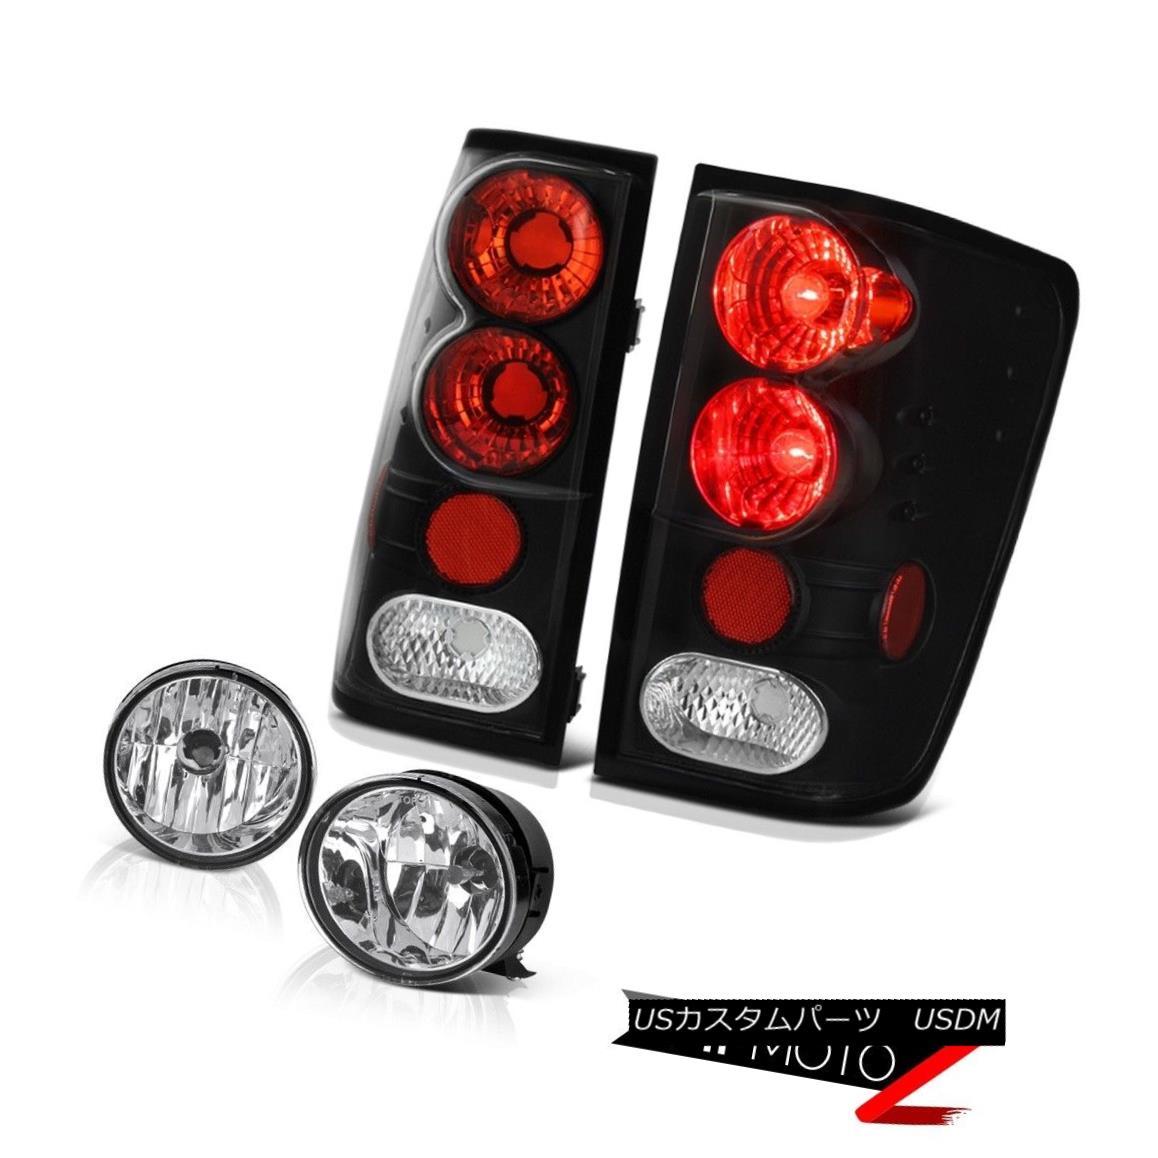 テールライト For 2004-2015 Titan SL Signal Tail Light Assembly Black Chrome Bumper Fog Lamp 2004年?2015年Titan SL信号テールライトアセンブリブラッククロムバンパーフォグランプ